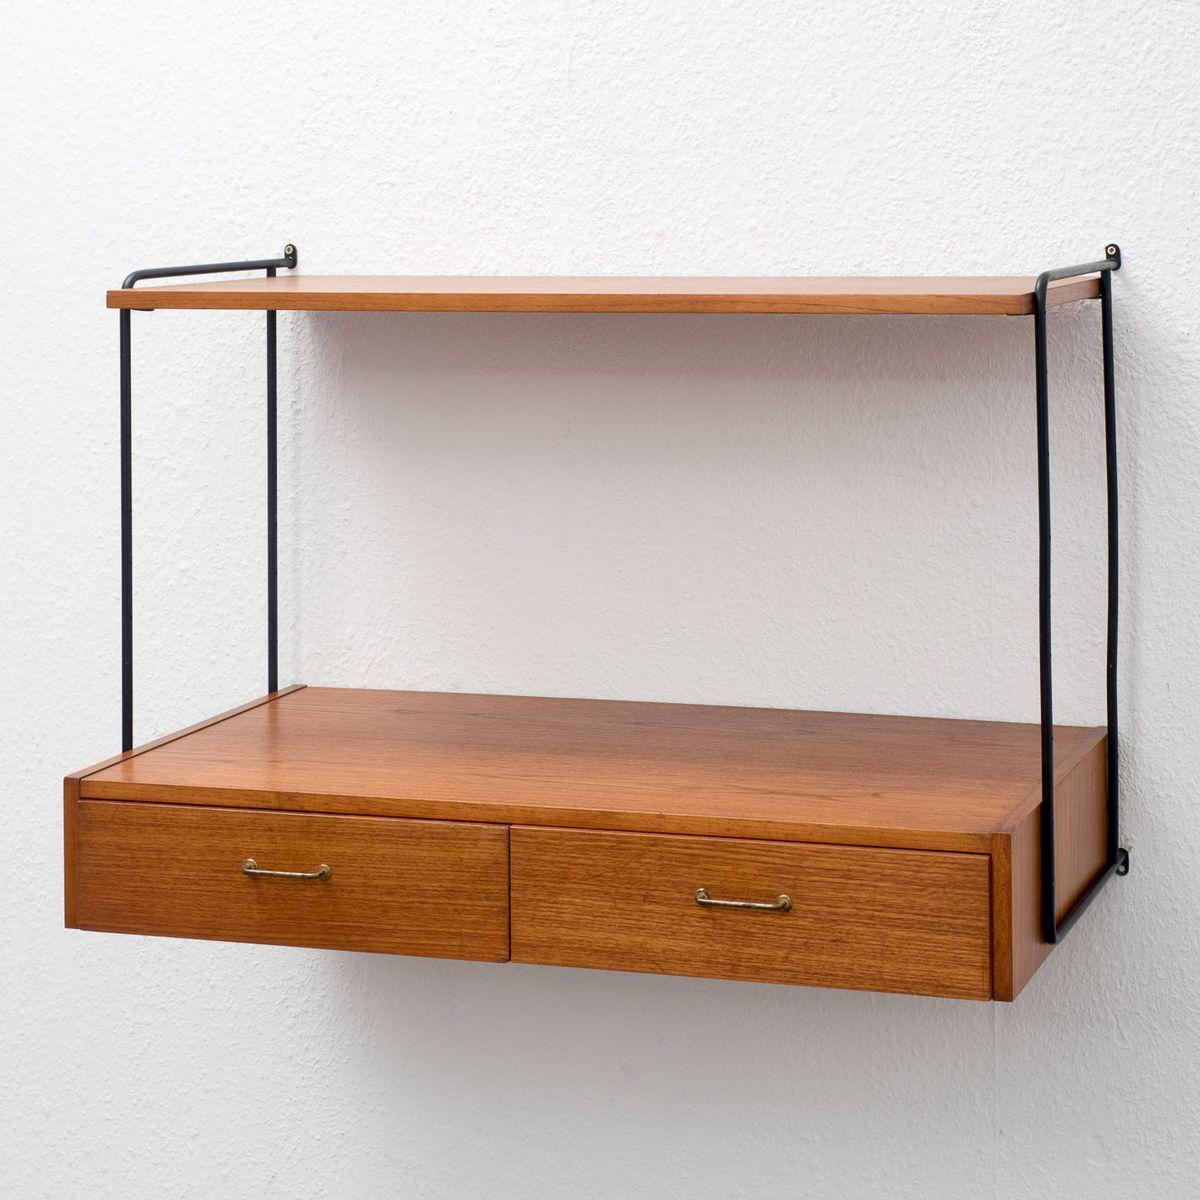 omnia m bel badezimmer schlafzimmer sessel m bel. Black Bedroom Furniture Sets. Home Design Ideas